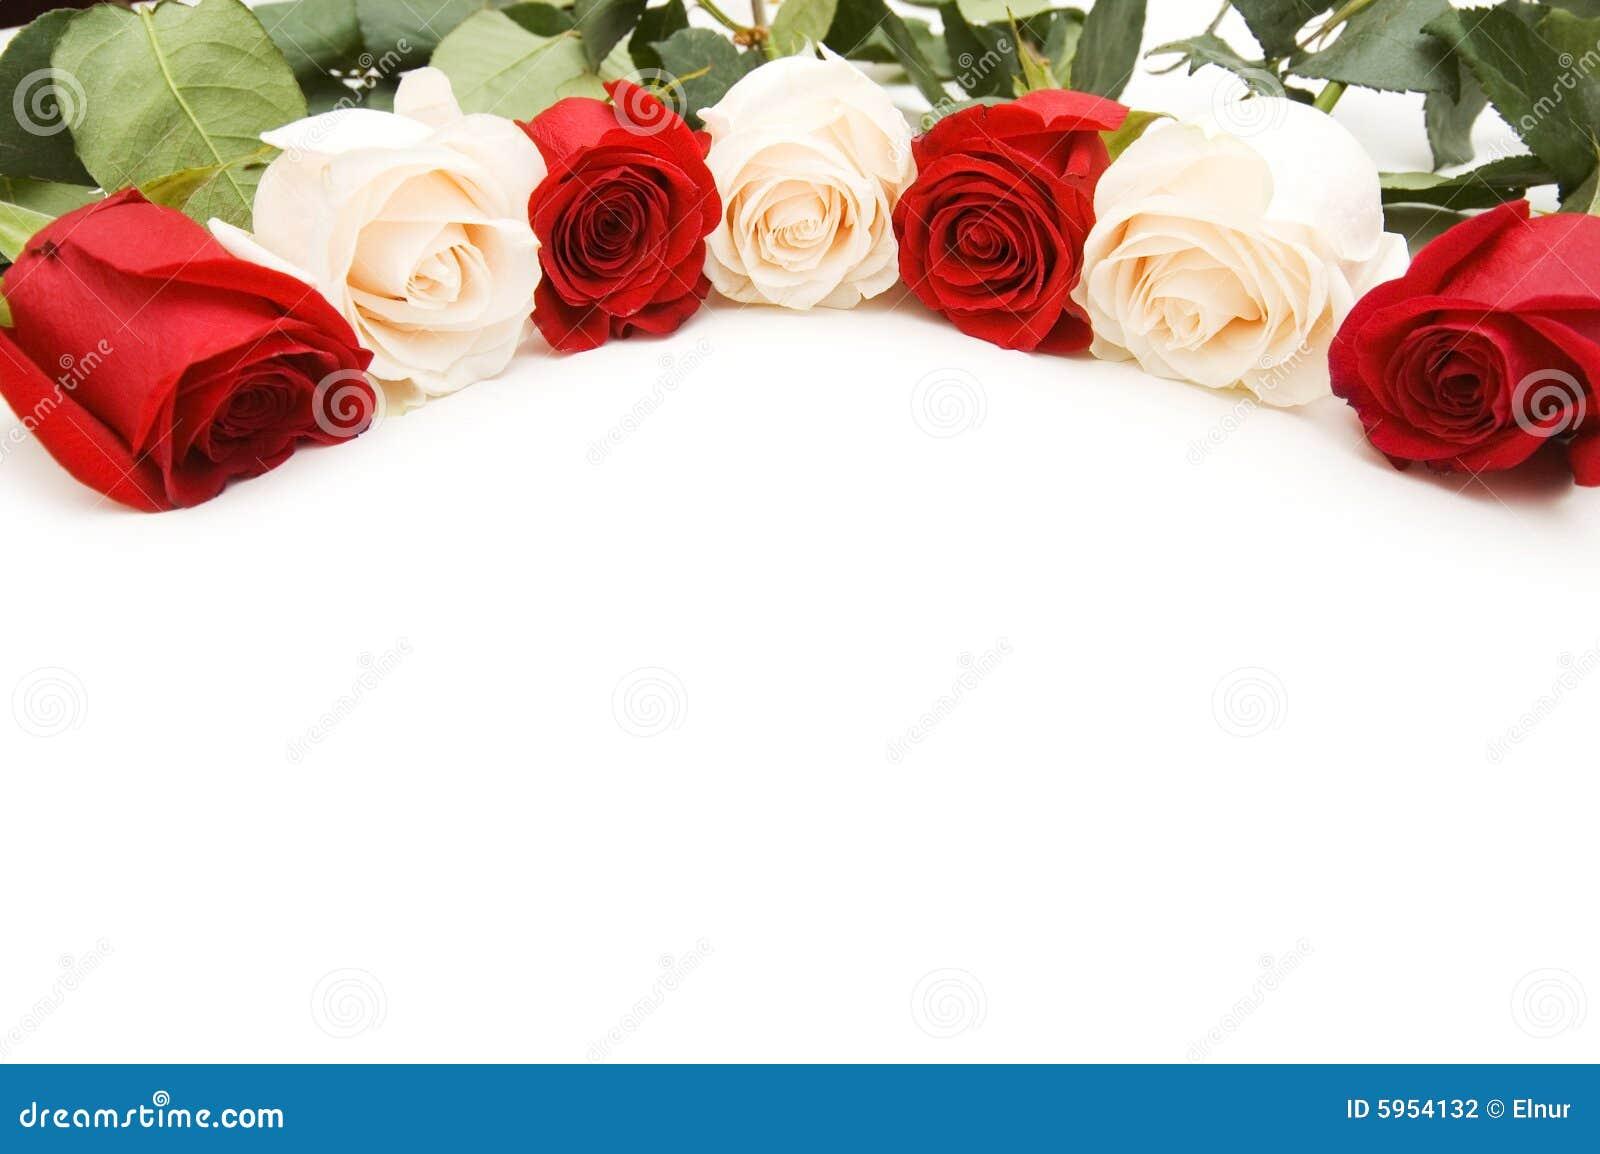 Imágenes Comunes Del Rosas Rojas Y Blancas Aisladas Los Derechos